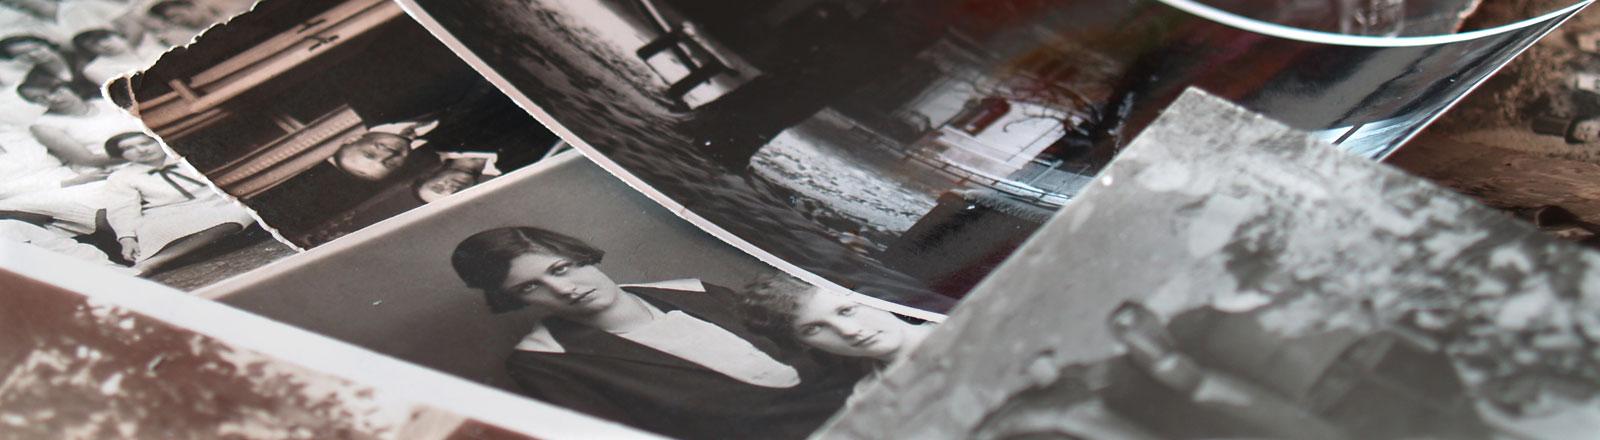 Ein Stapel mit alten Fotos.